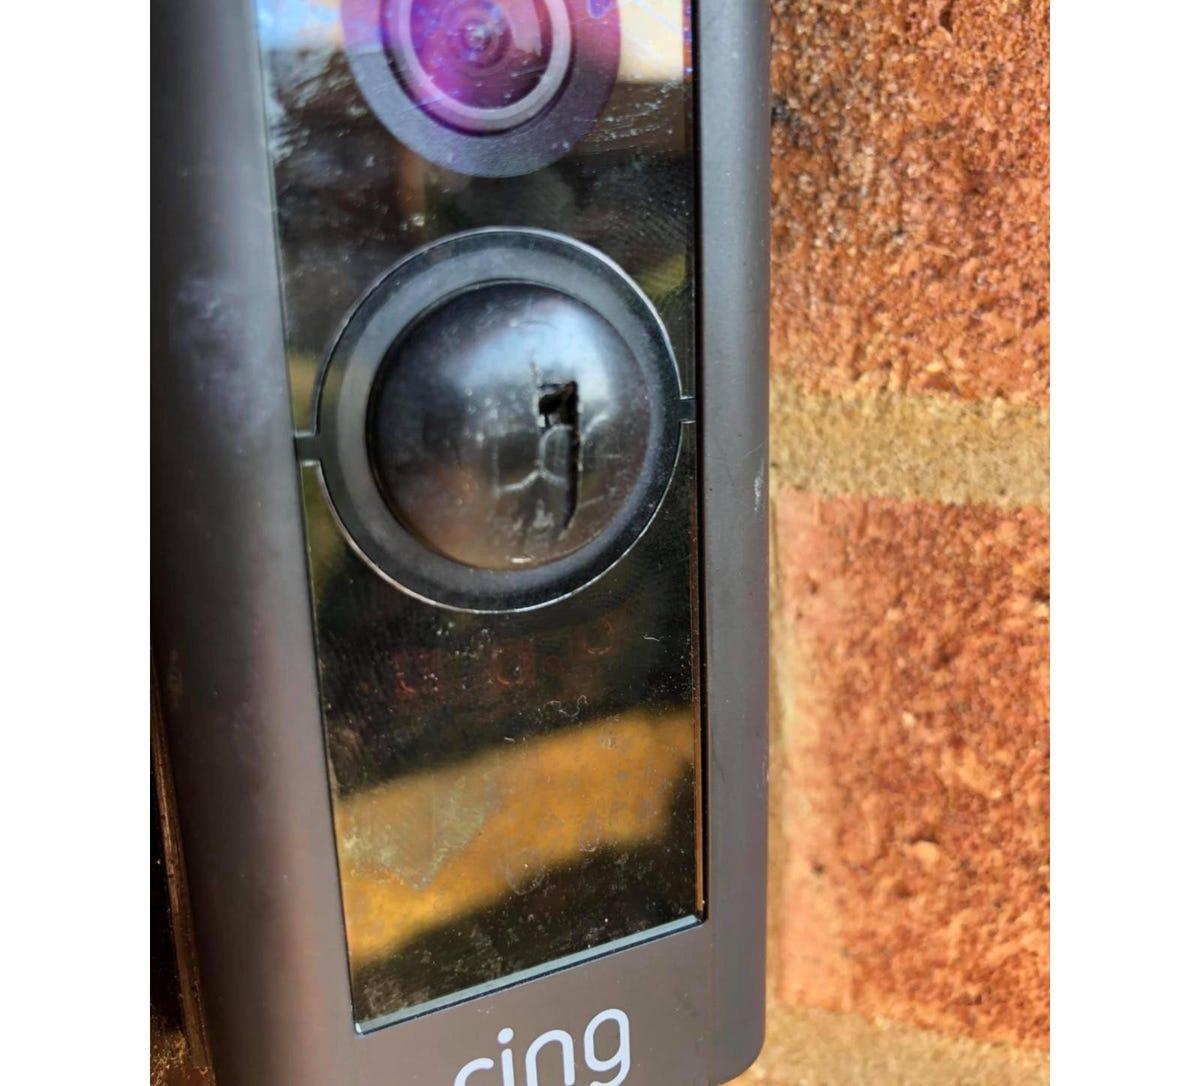 Doorbell Broken 2.0